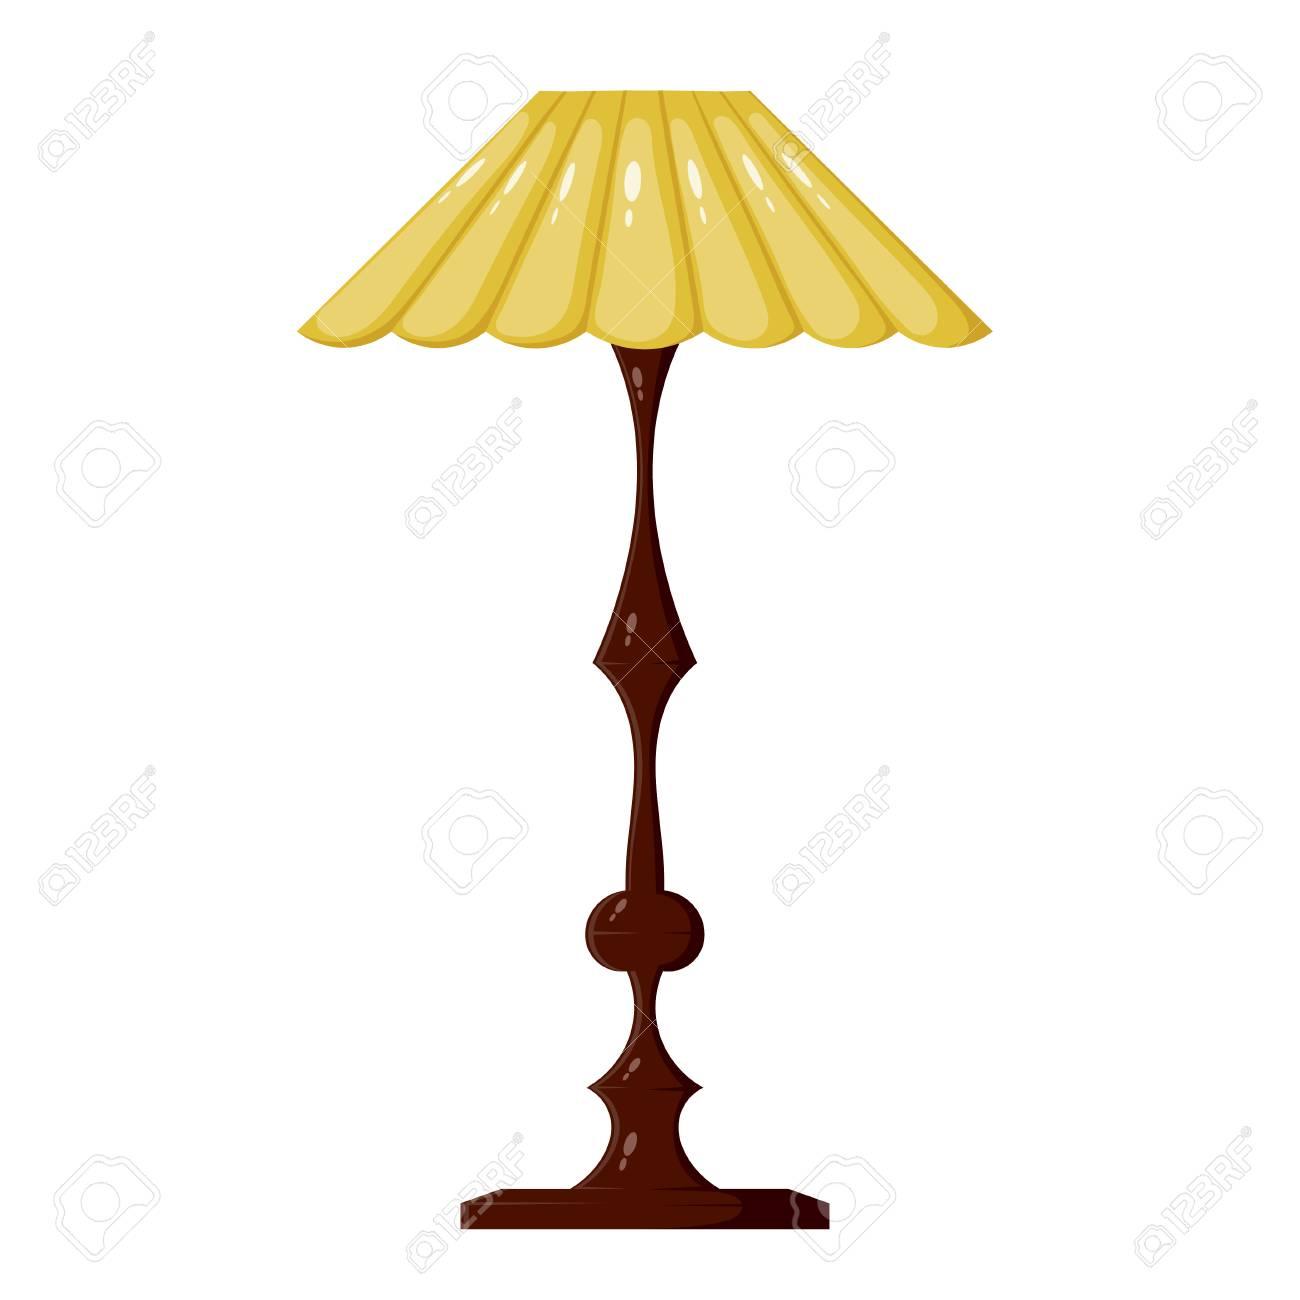 Vektor Illustration Der Gelben Stehlampe Auf Einem Weissen